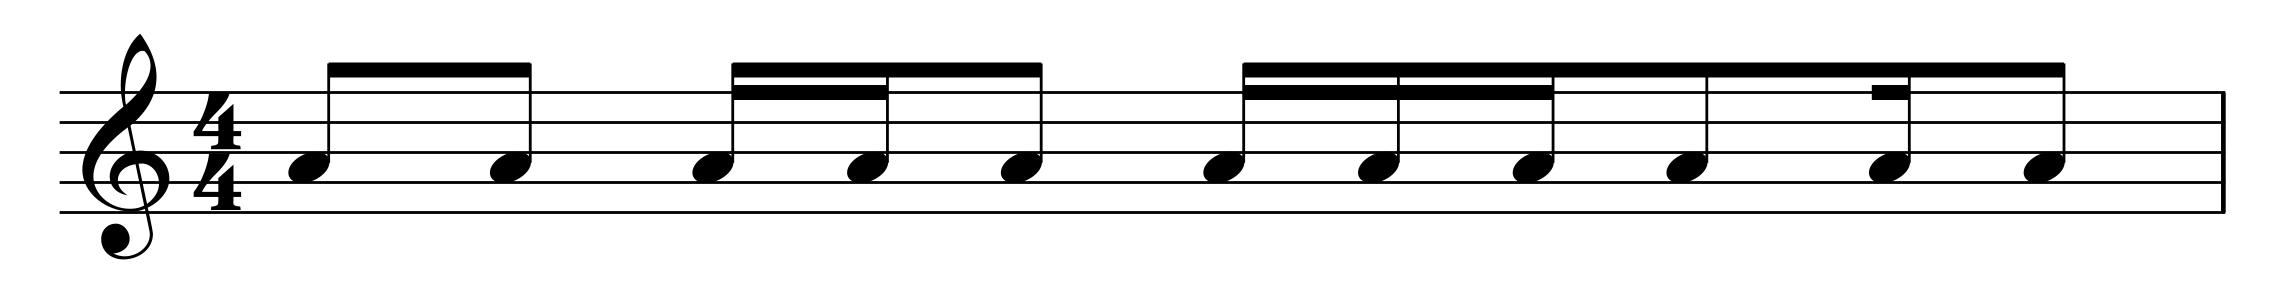 8-16 rythm